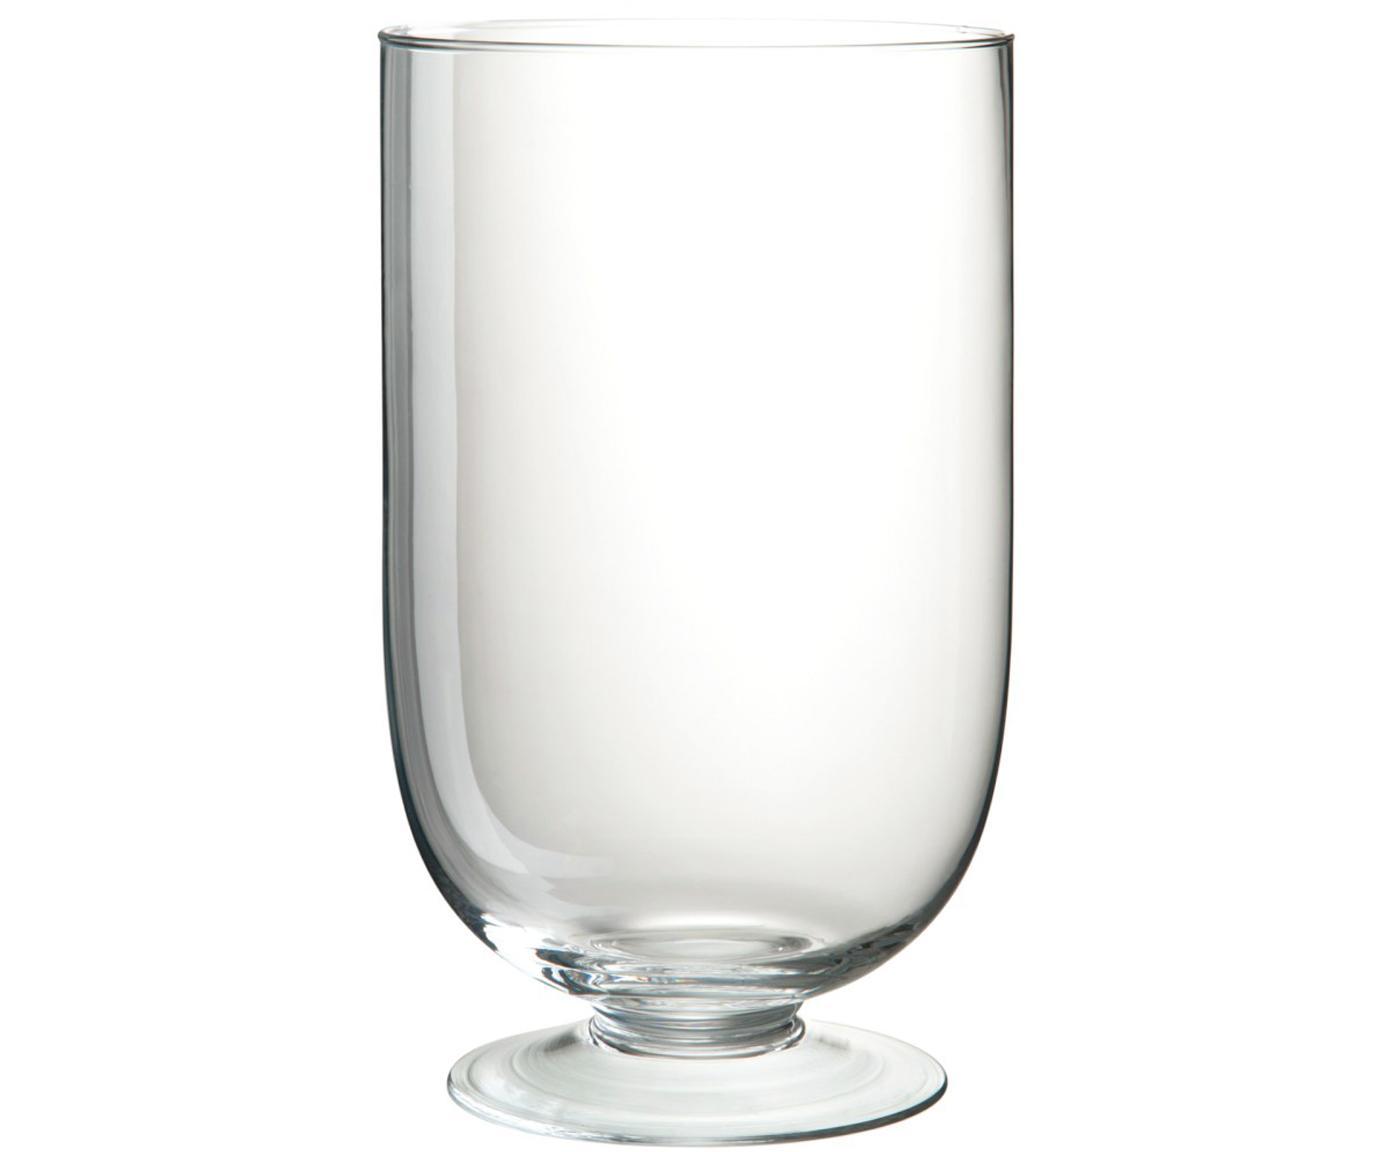 Vaso in vetro Clery, Vetro, Trasparente, Ø 15 x Alt. 24 cm